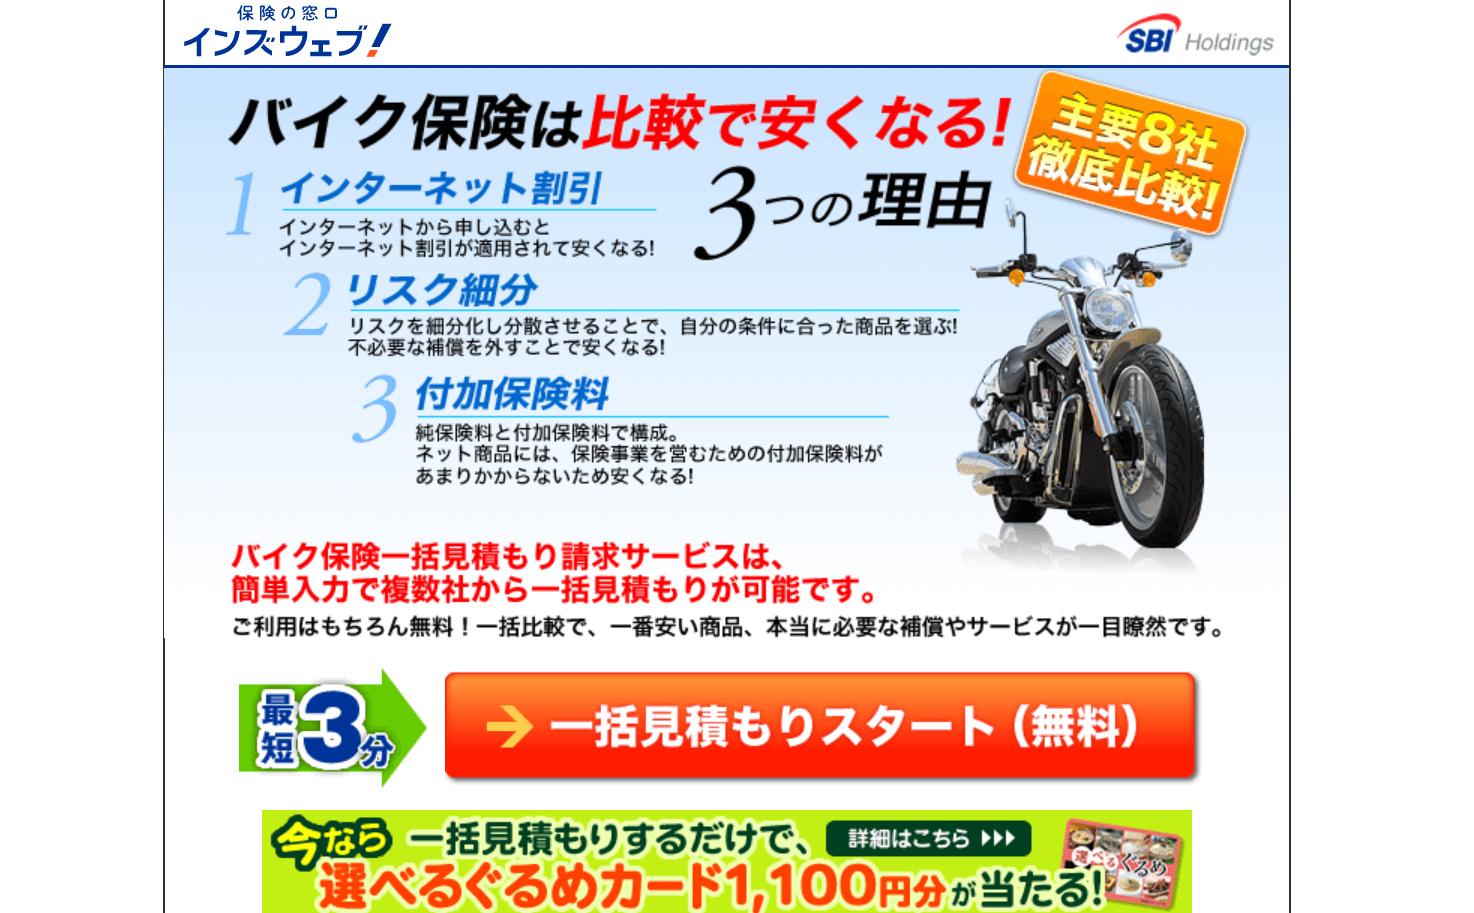 インズウェブのバイク保険一括見積もり